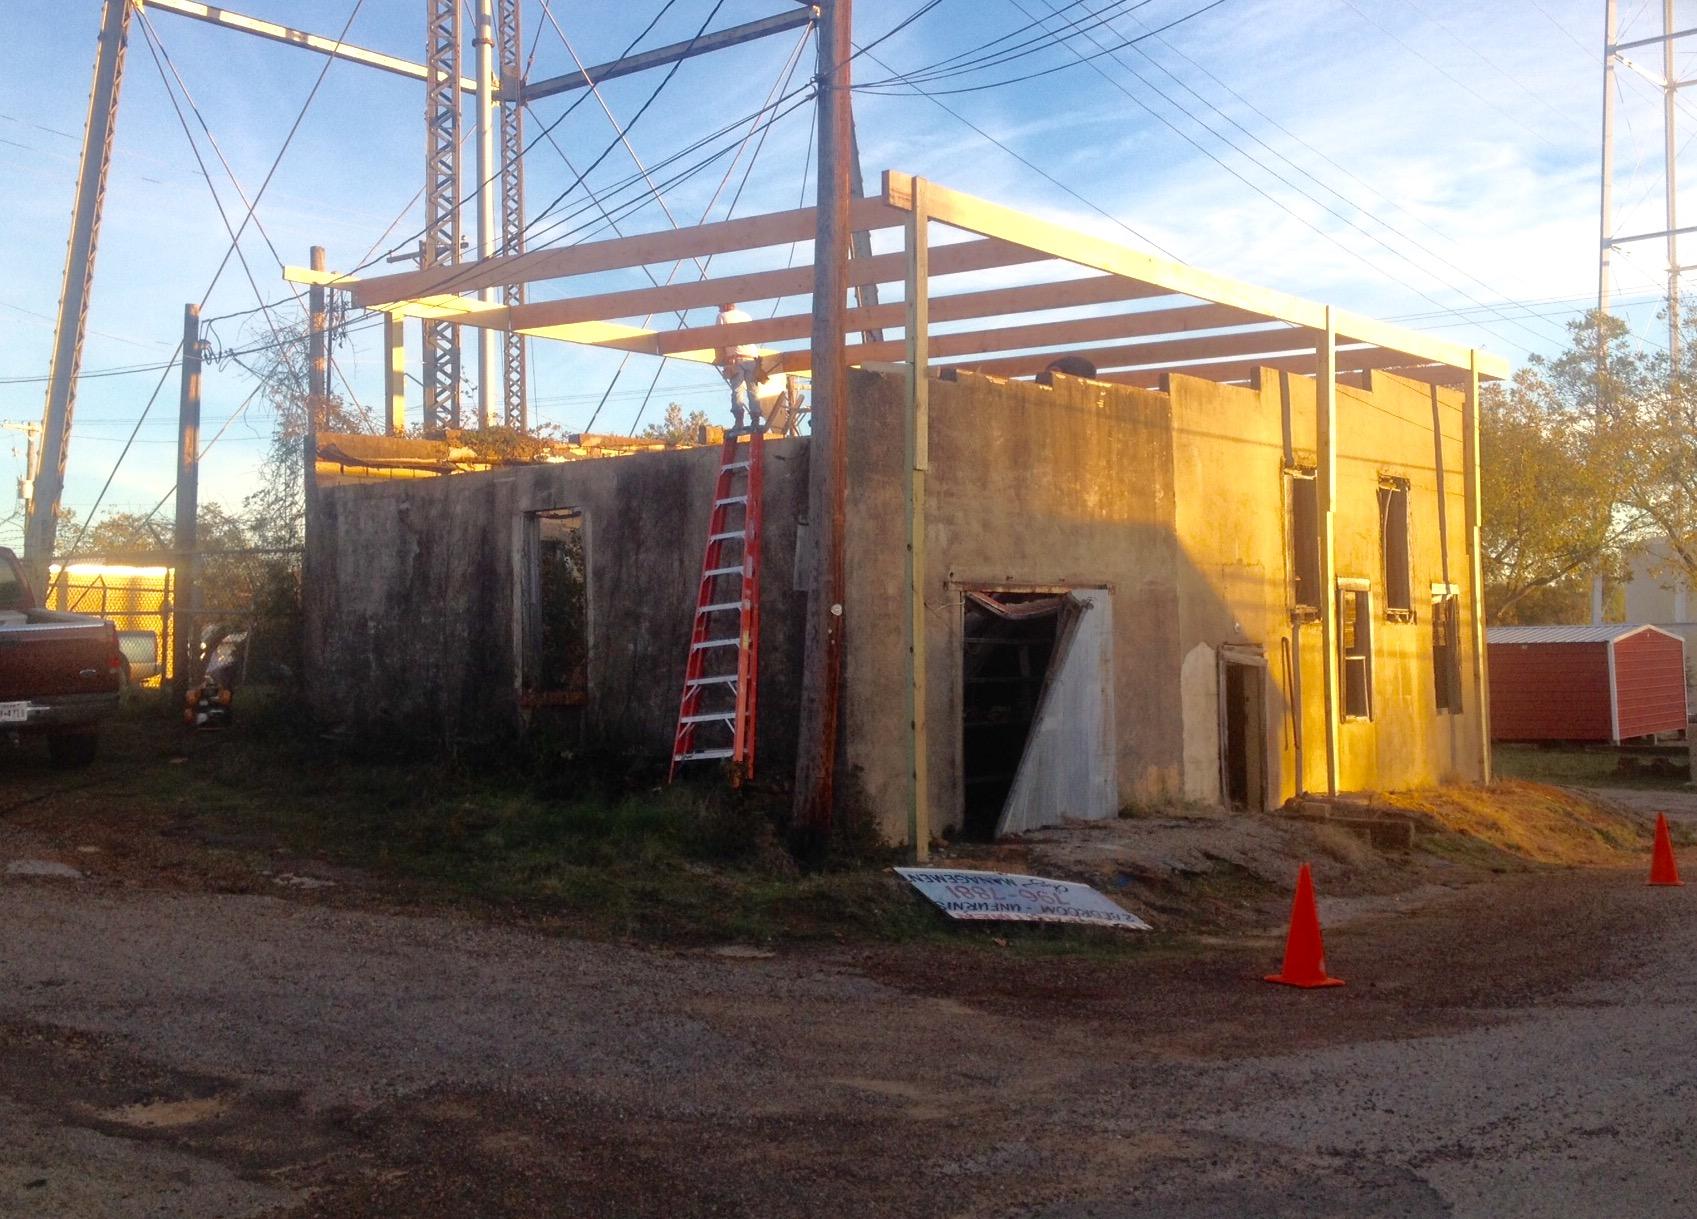 Construction of temporary roof 23 November 2015. Photo by John Noyes.